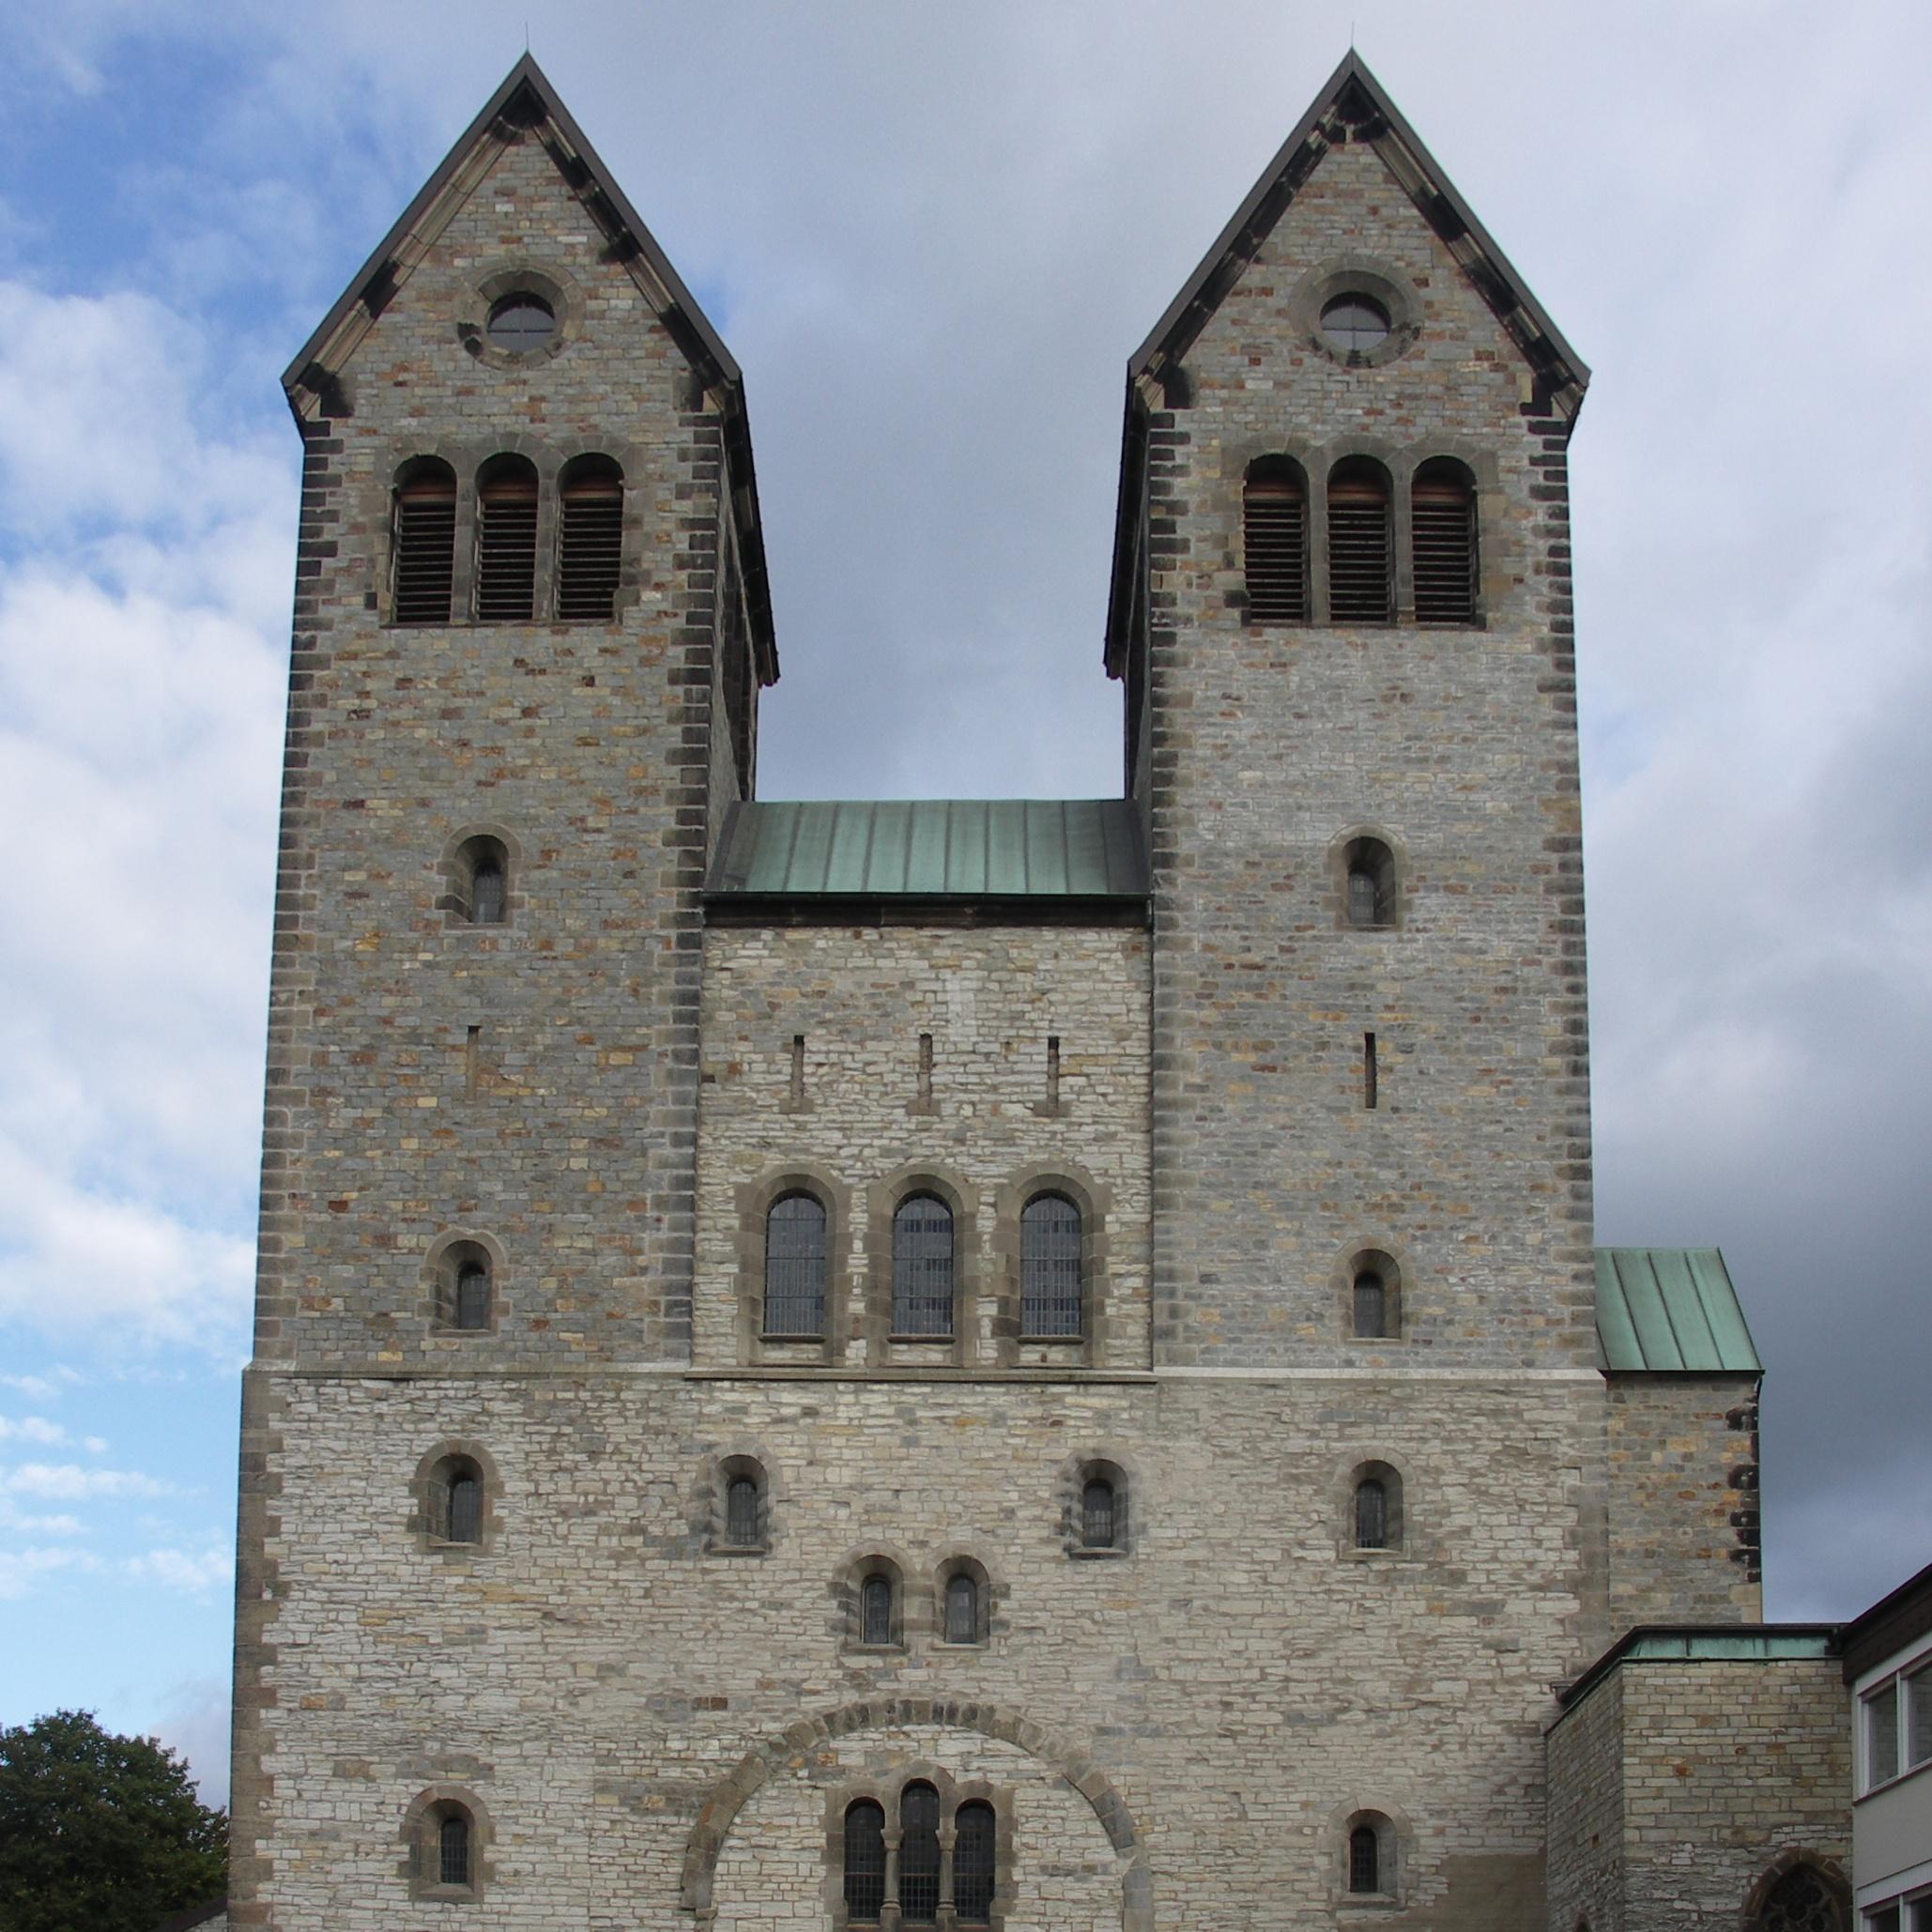 Von Schloß Neuhaus über die Innenstadt mit Abdinghofkirche bis zur Wewelsburg Buntes Programm bei der Paderborner Museumsnacht